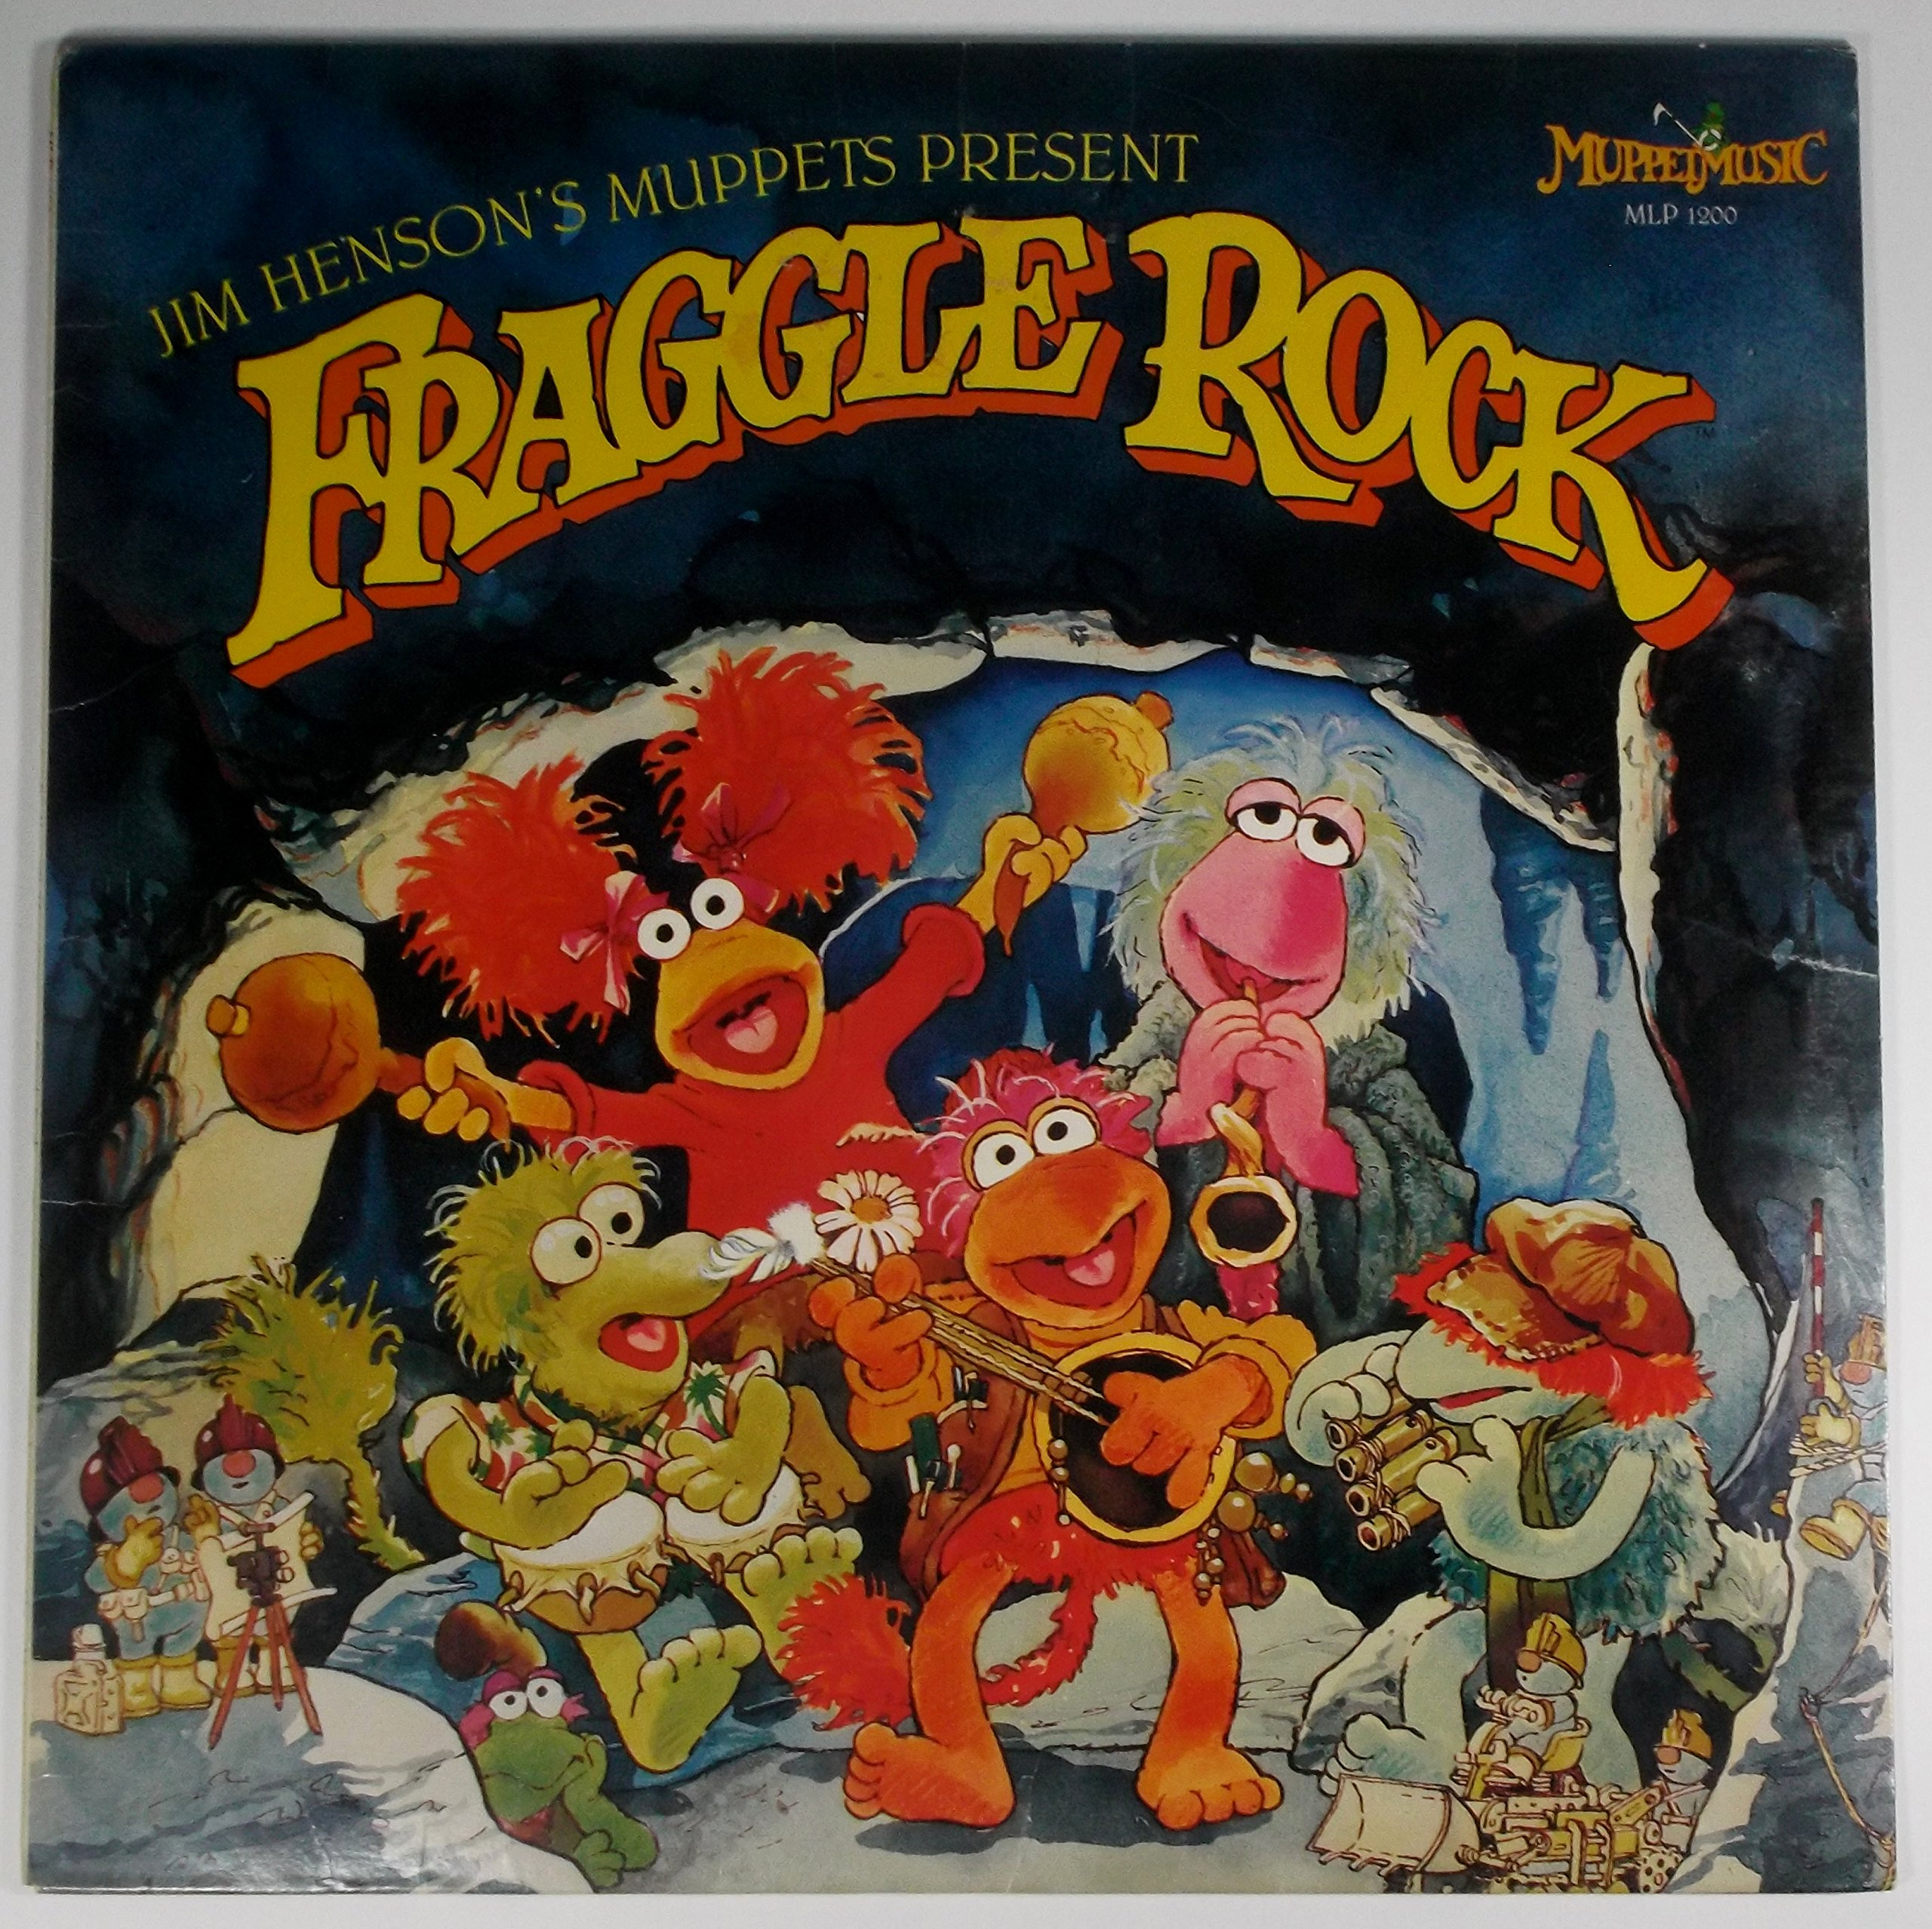 Los muppets de Jim Henson presentan Fraggle Rock